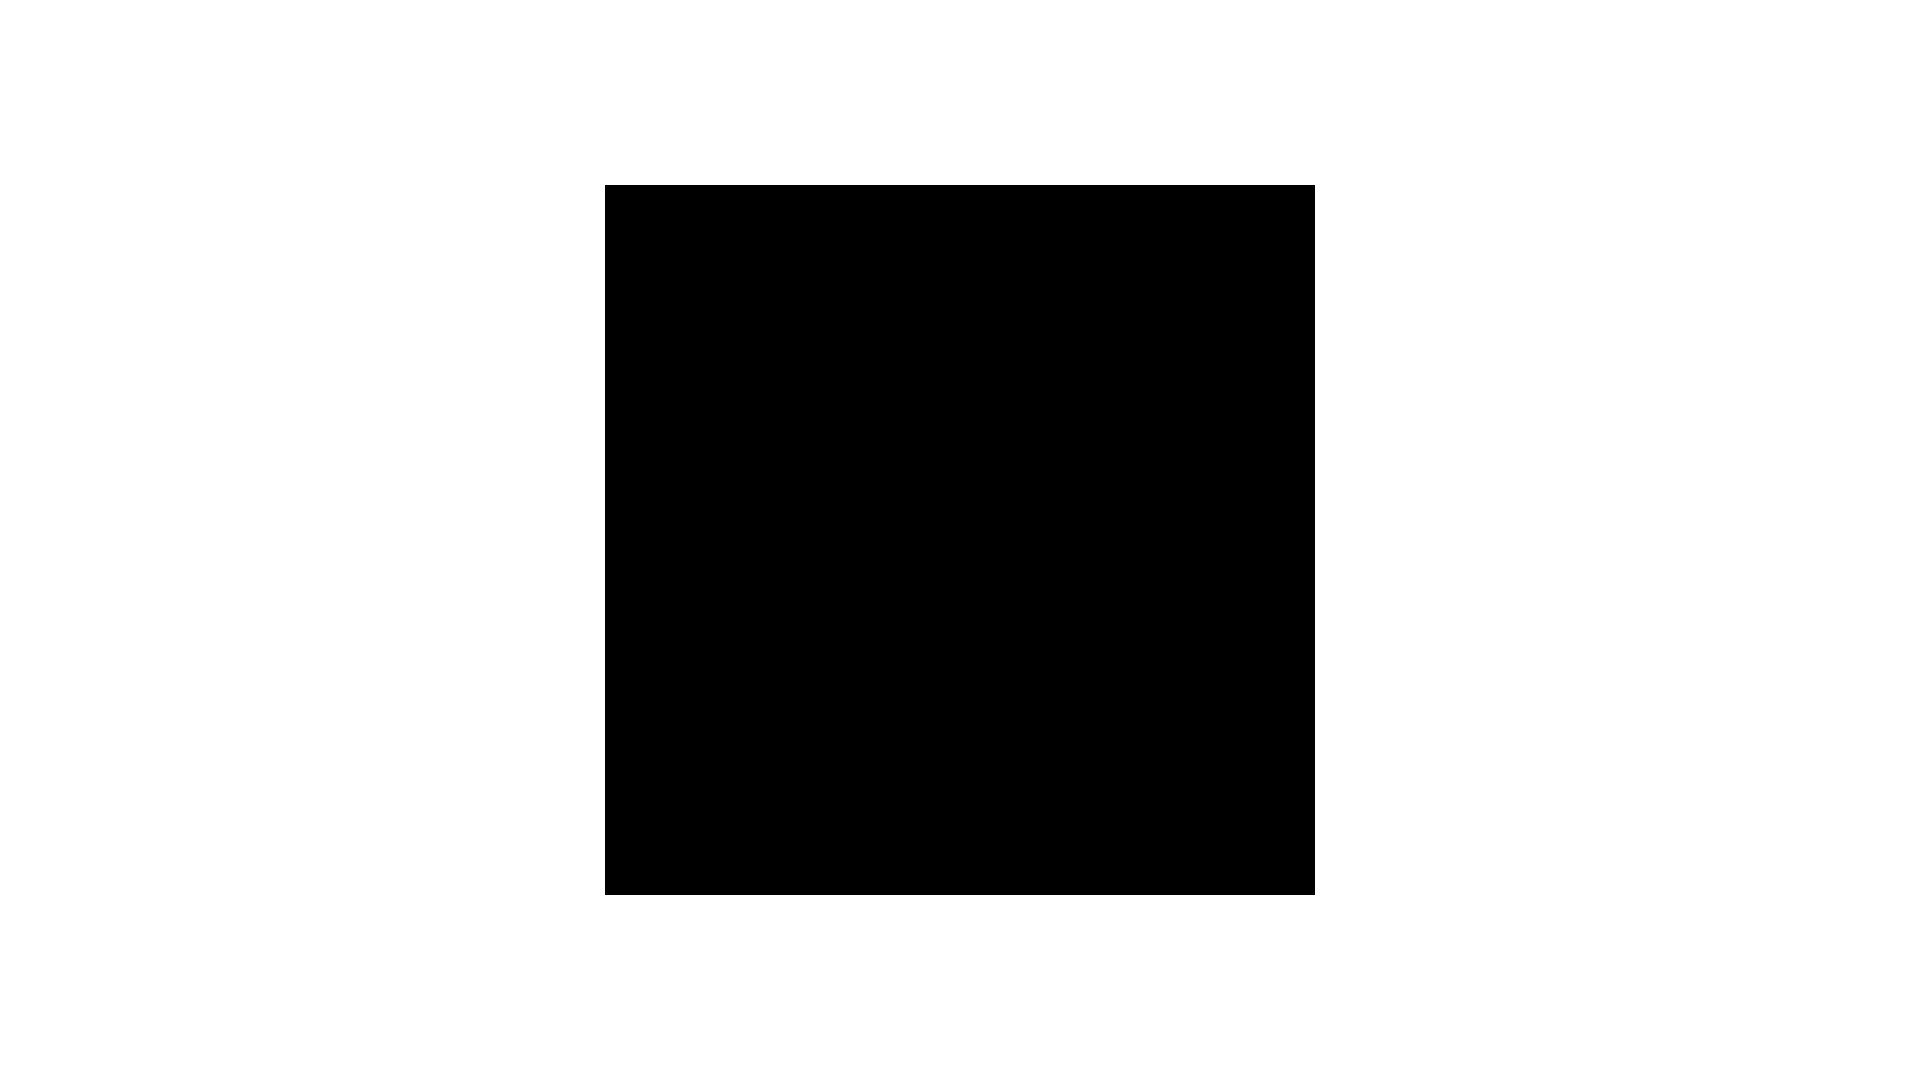 Logotipo de WOR, aliado de Academia de Negocios Bind